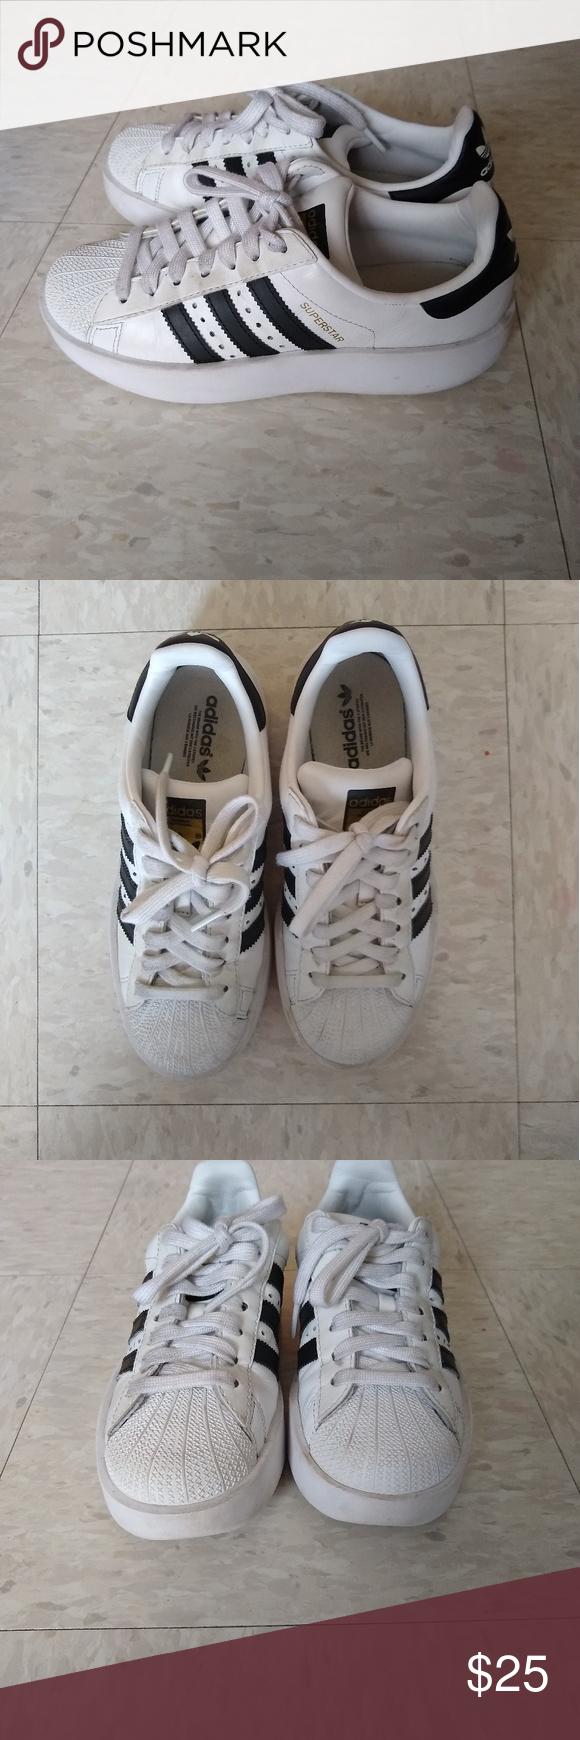 Adidas Superstars Size 5.5 | Adidas